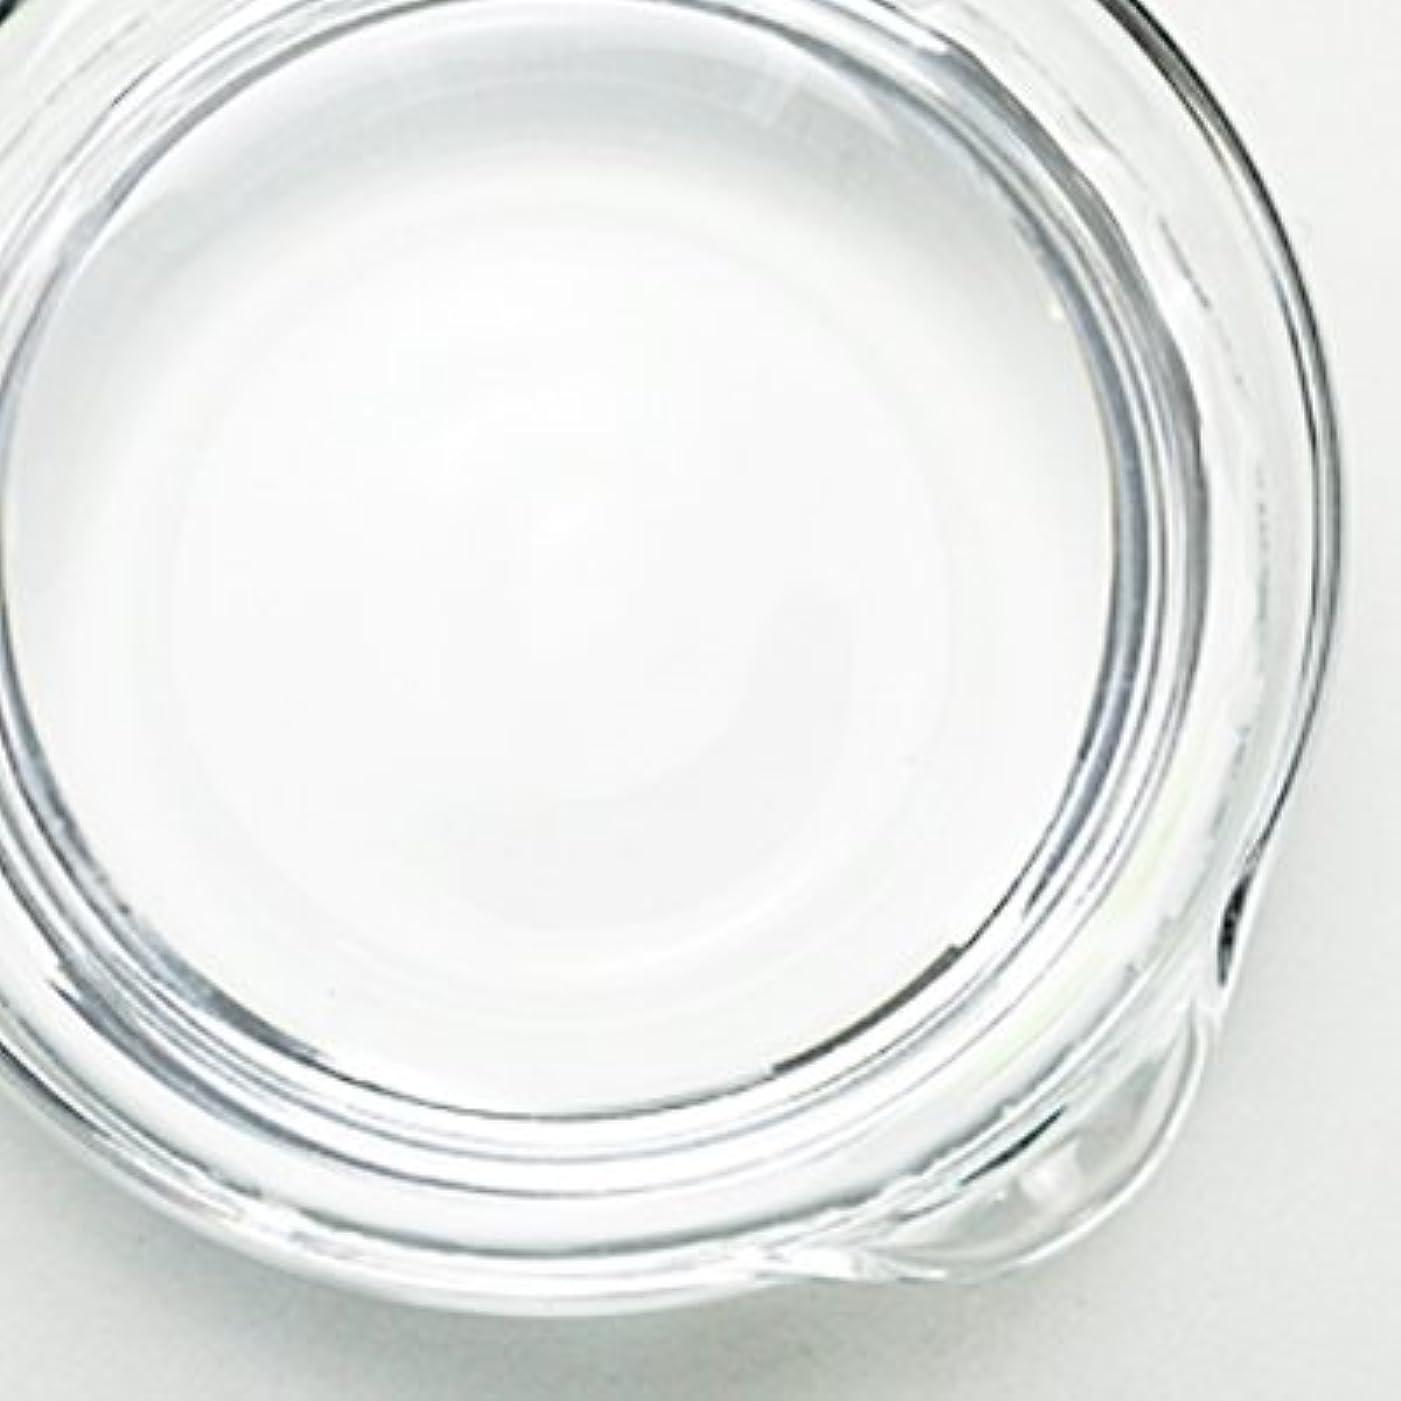 農村れんがはげ1,3-プロパンジオール[PG] 100ml 【手作り石鹸/手作りコスメ】